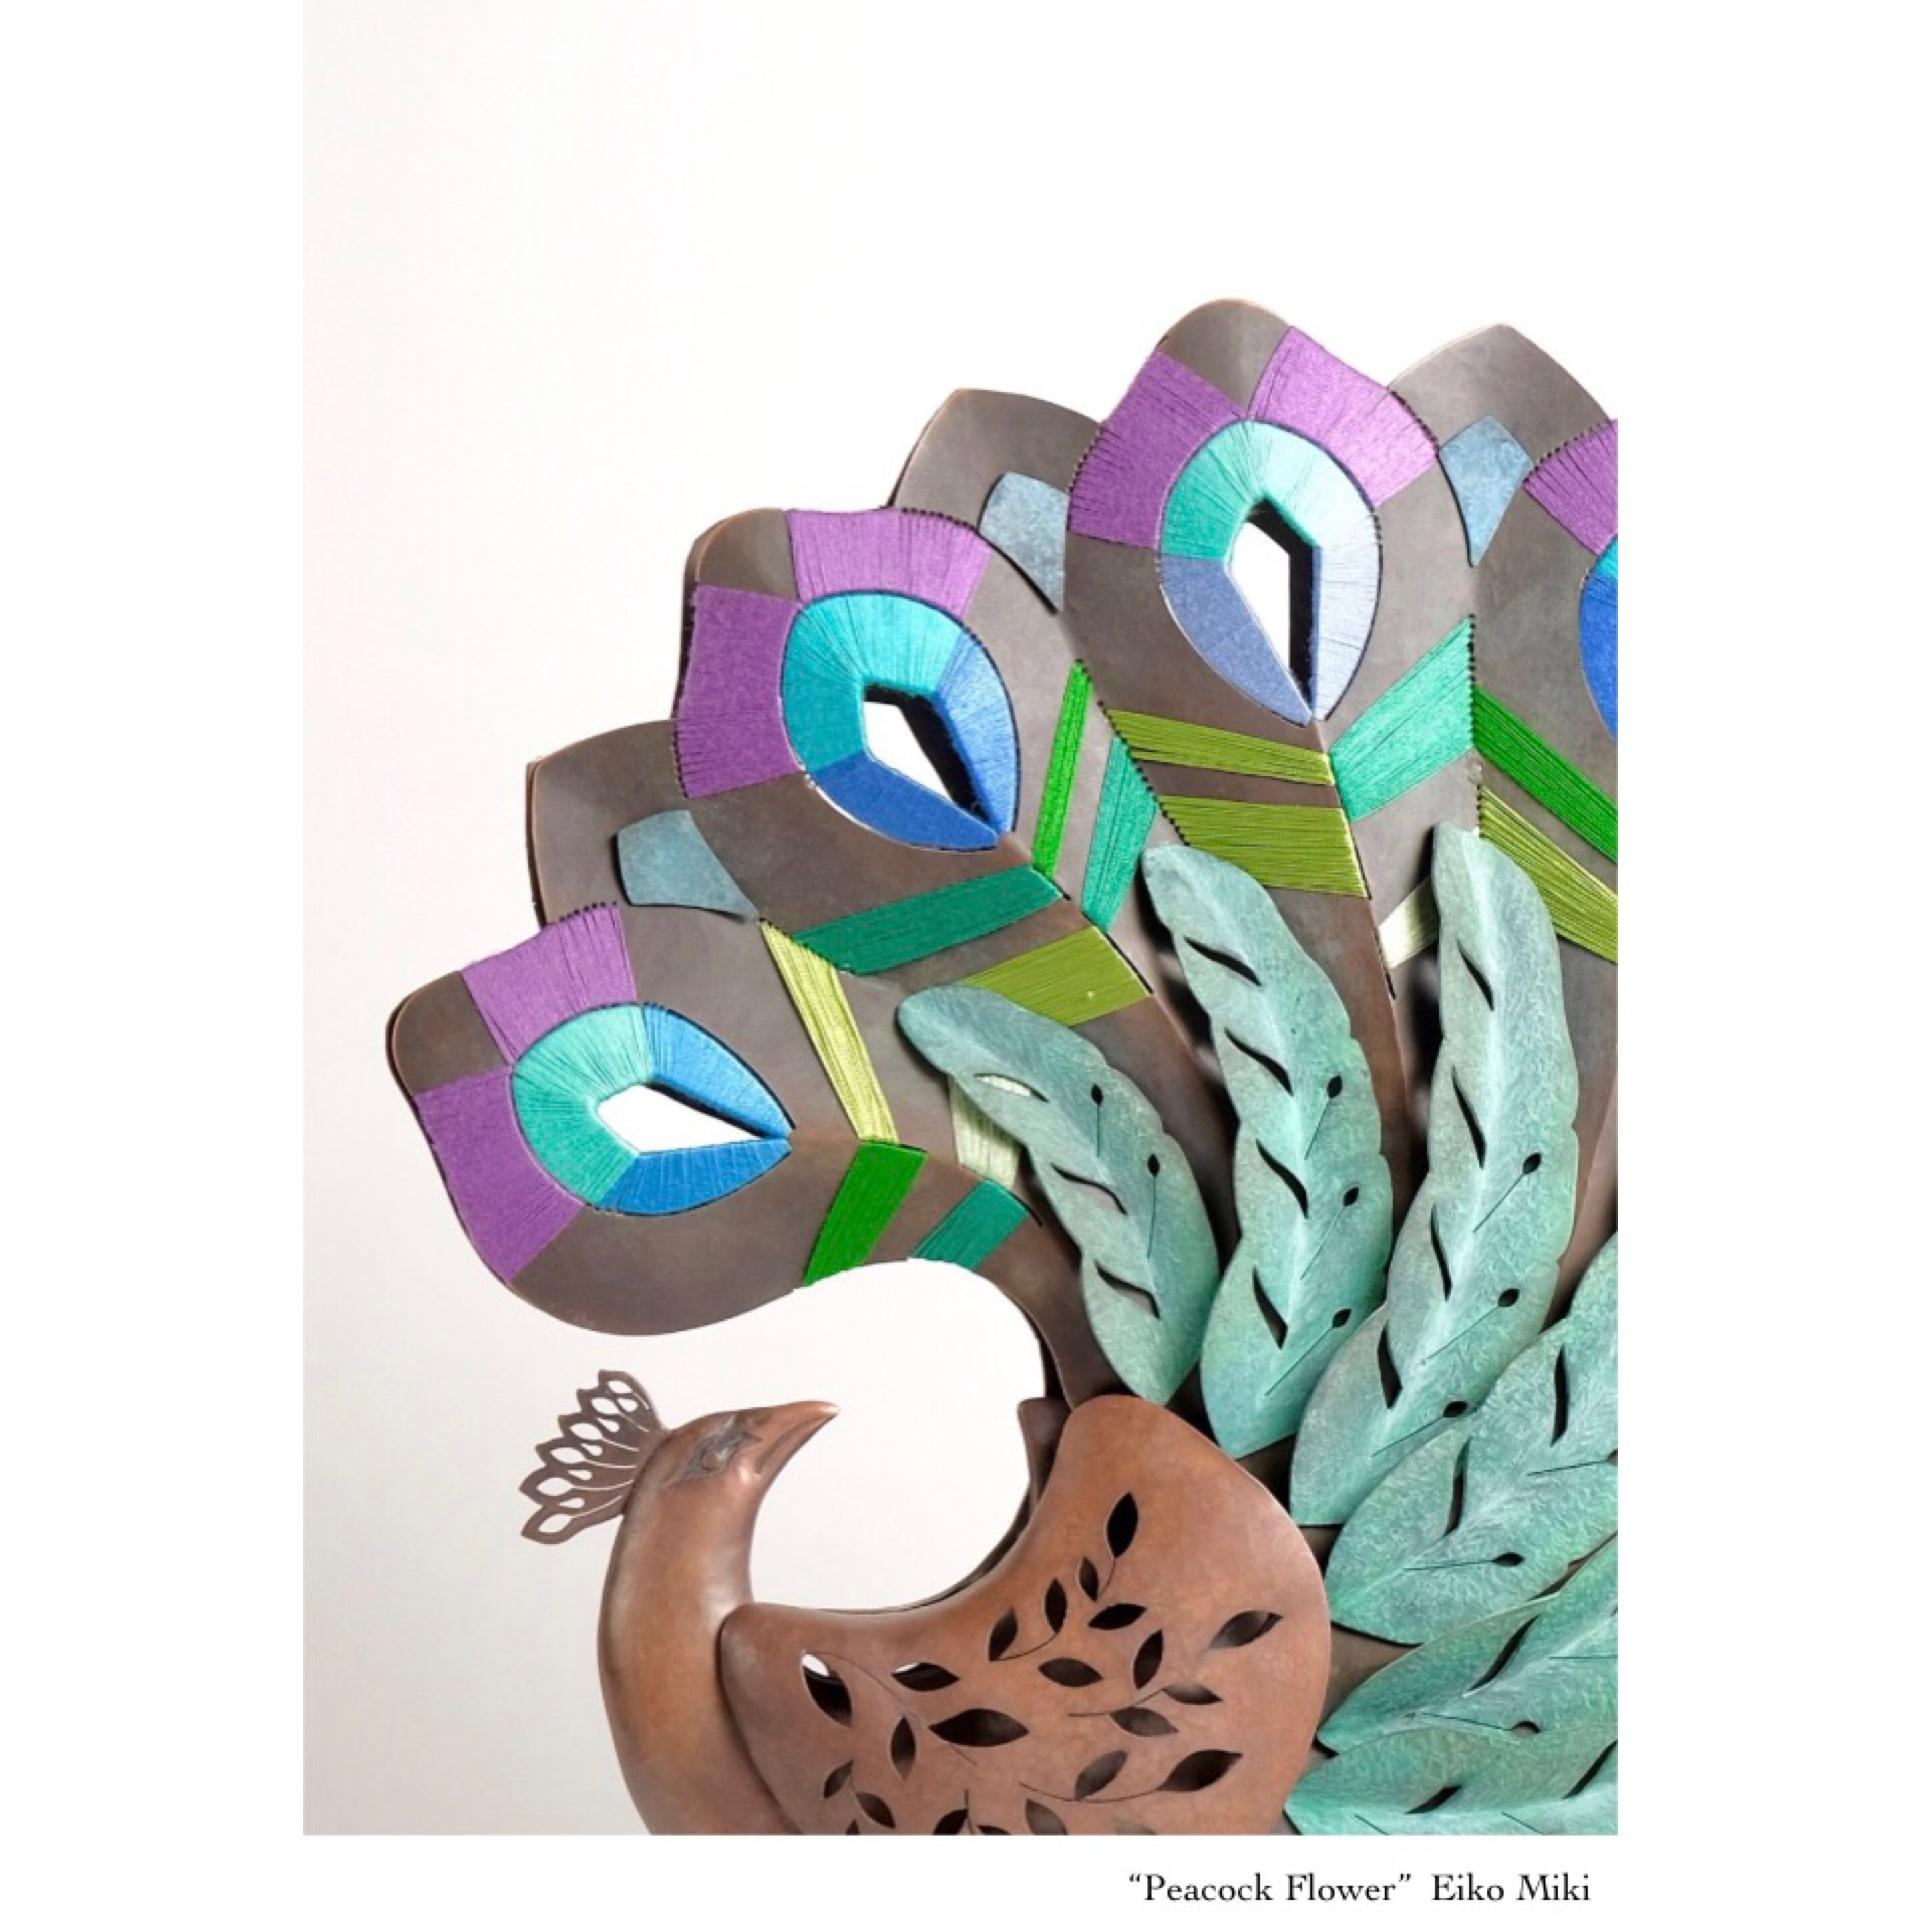 世界の自然や生き物たちのつながりをテーマに、金属と糸を組み合わせた造形で表現しています。